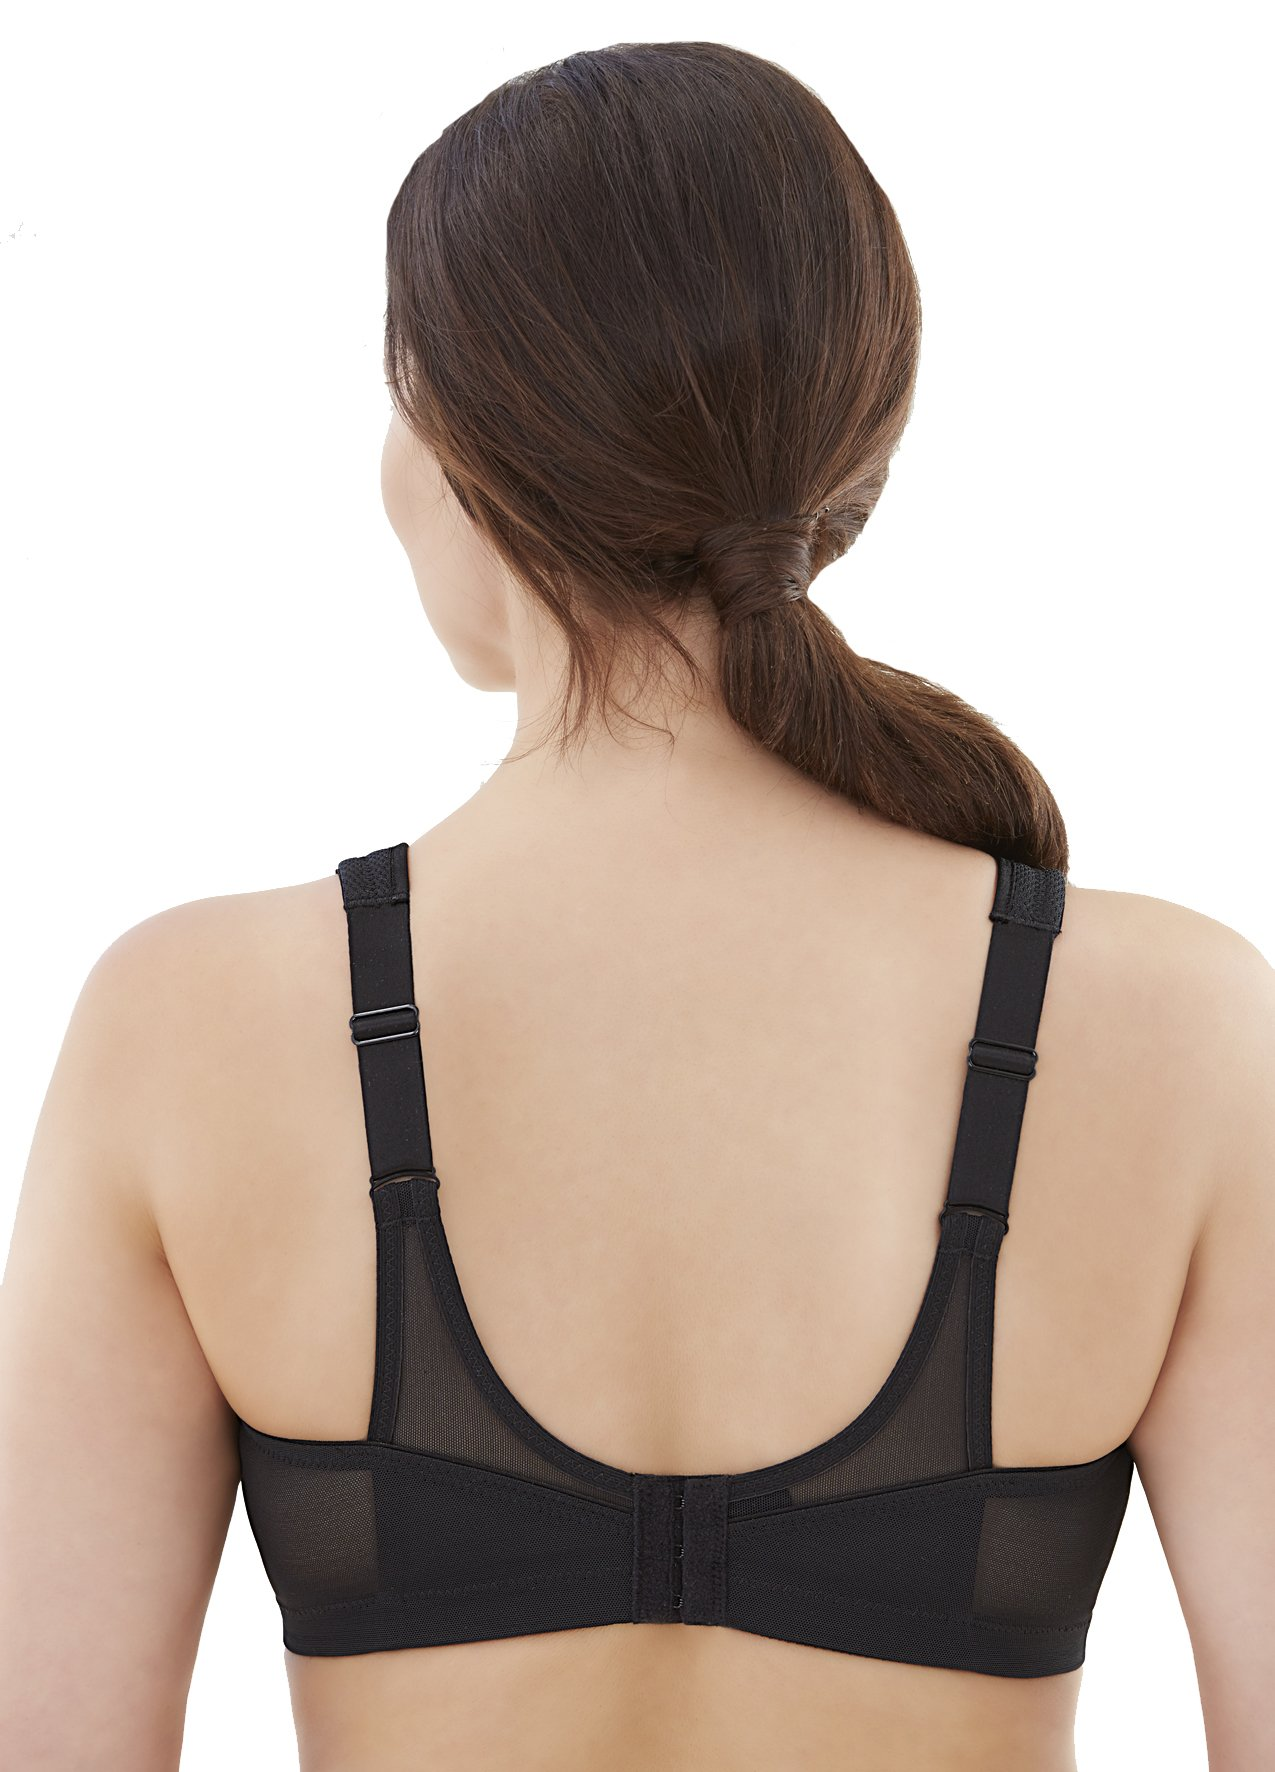 Glamorise Women's Full-Figure Sports Bra, Black, 34G by Glamorise (Image #2)